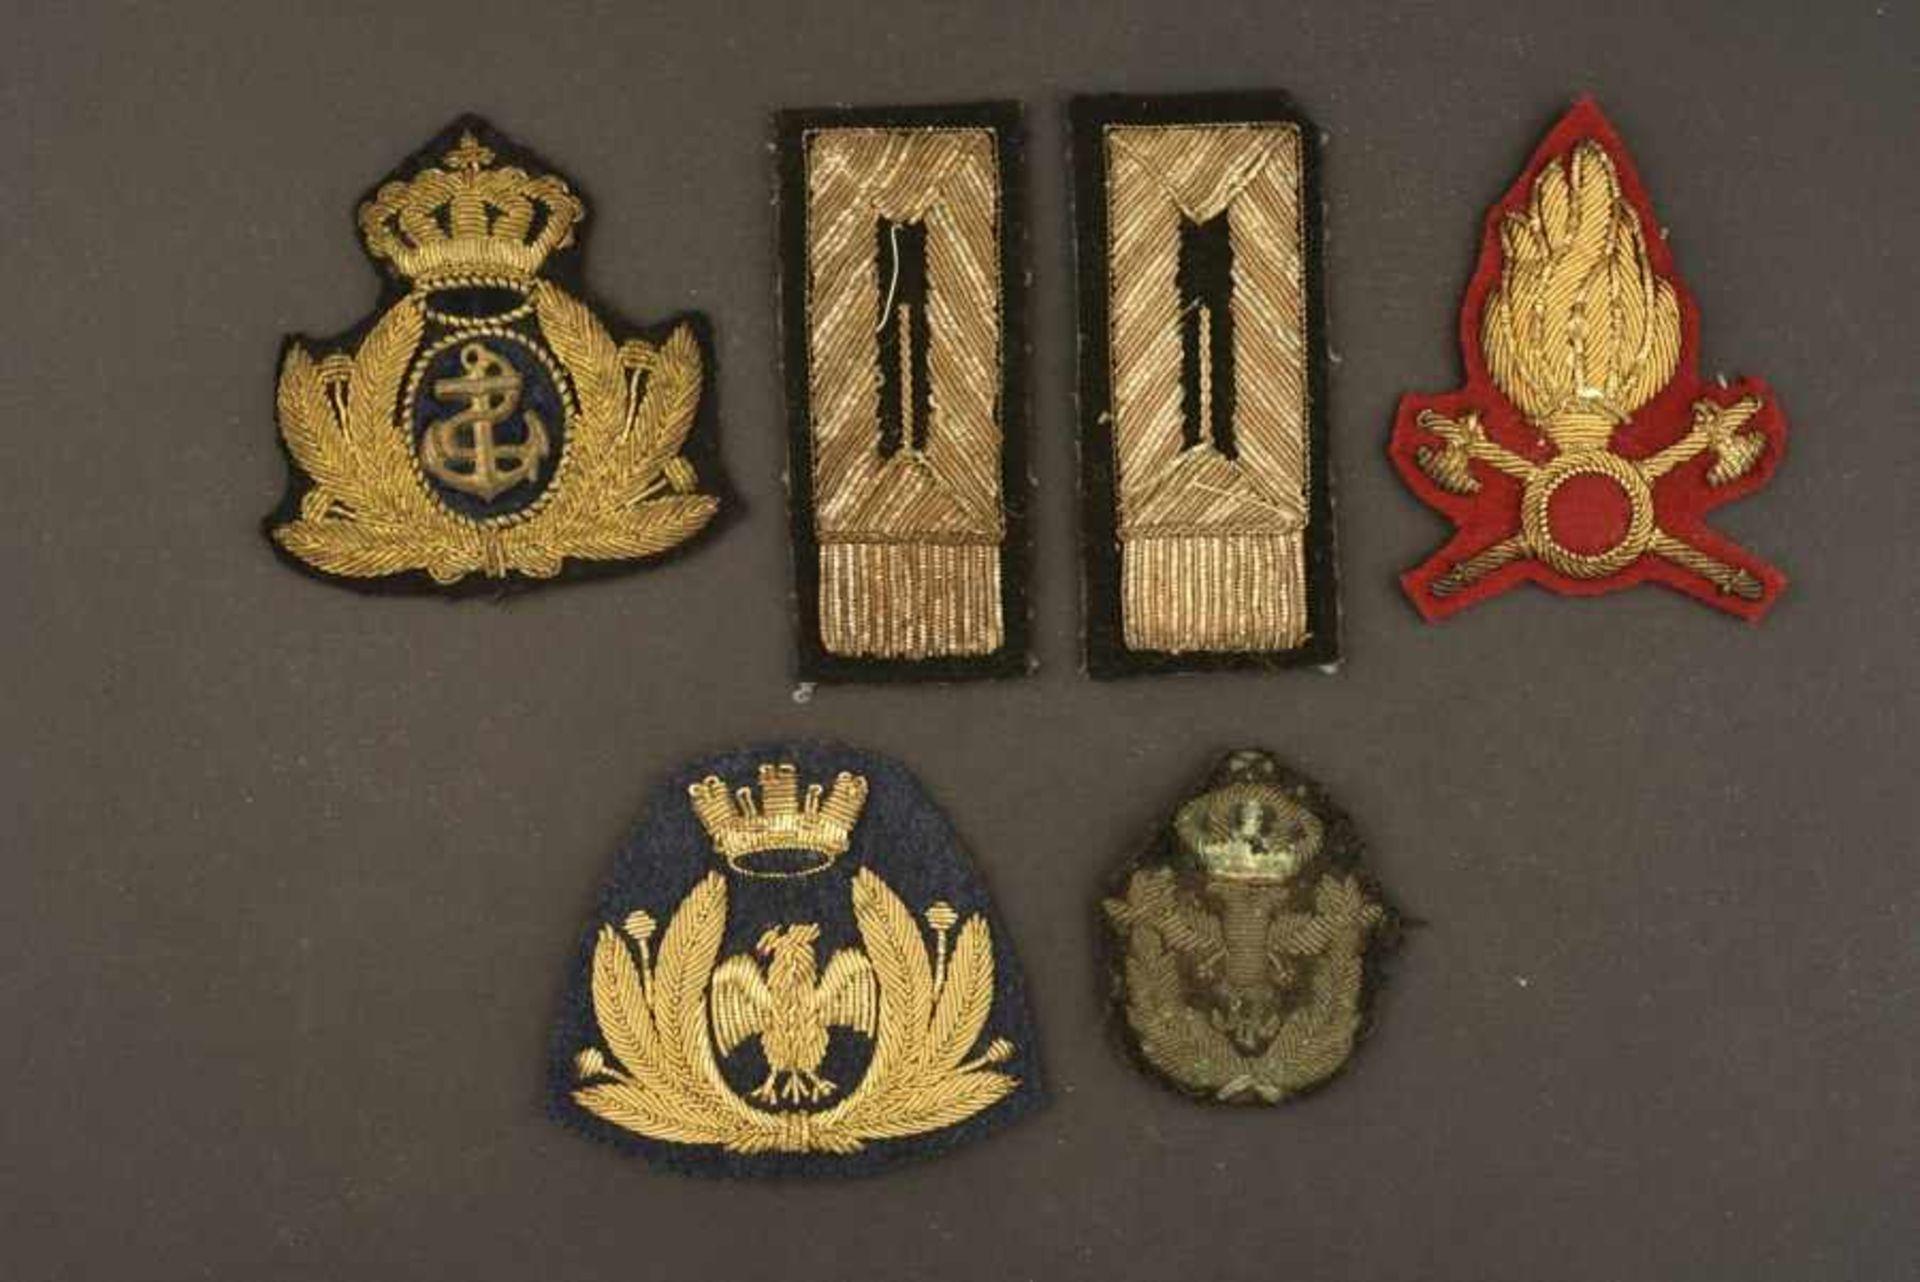 Ensemble de passementerie pour officier de l'armée royale italienne comportant un insigne brodé de